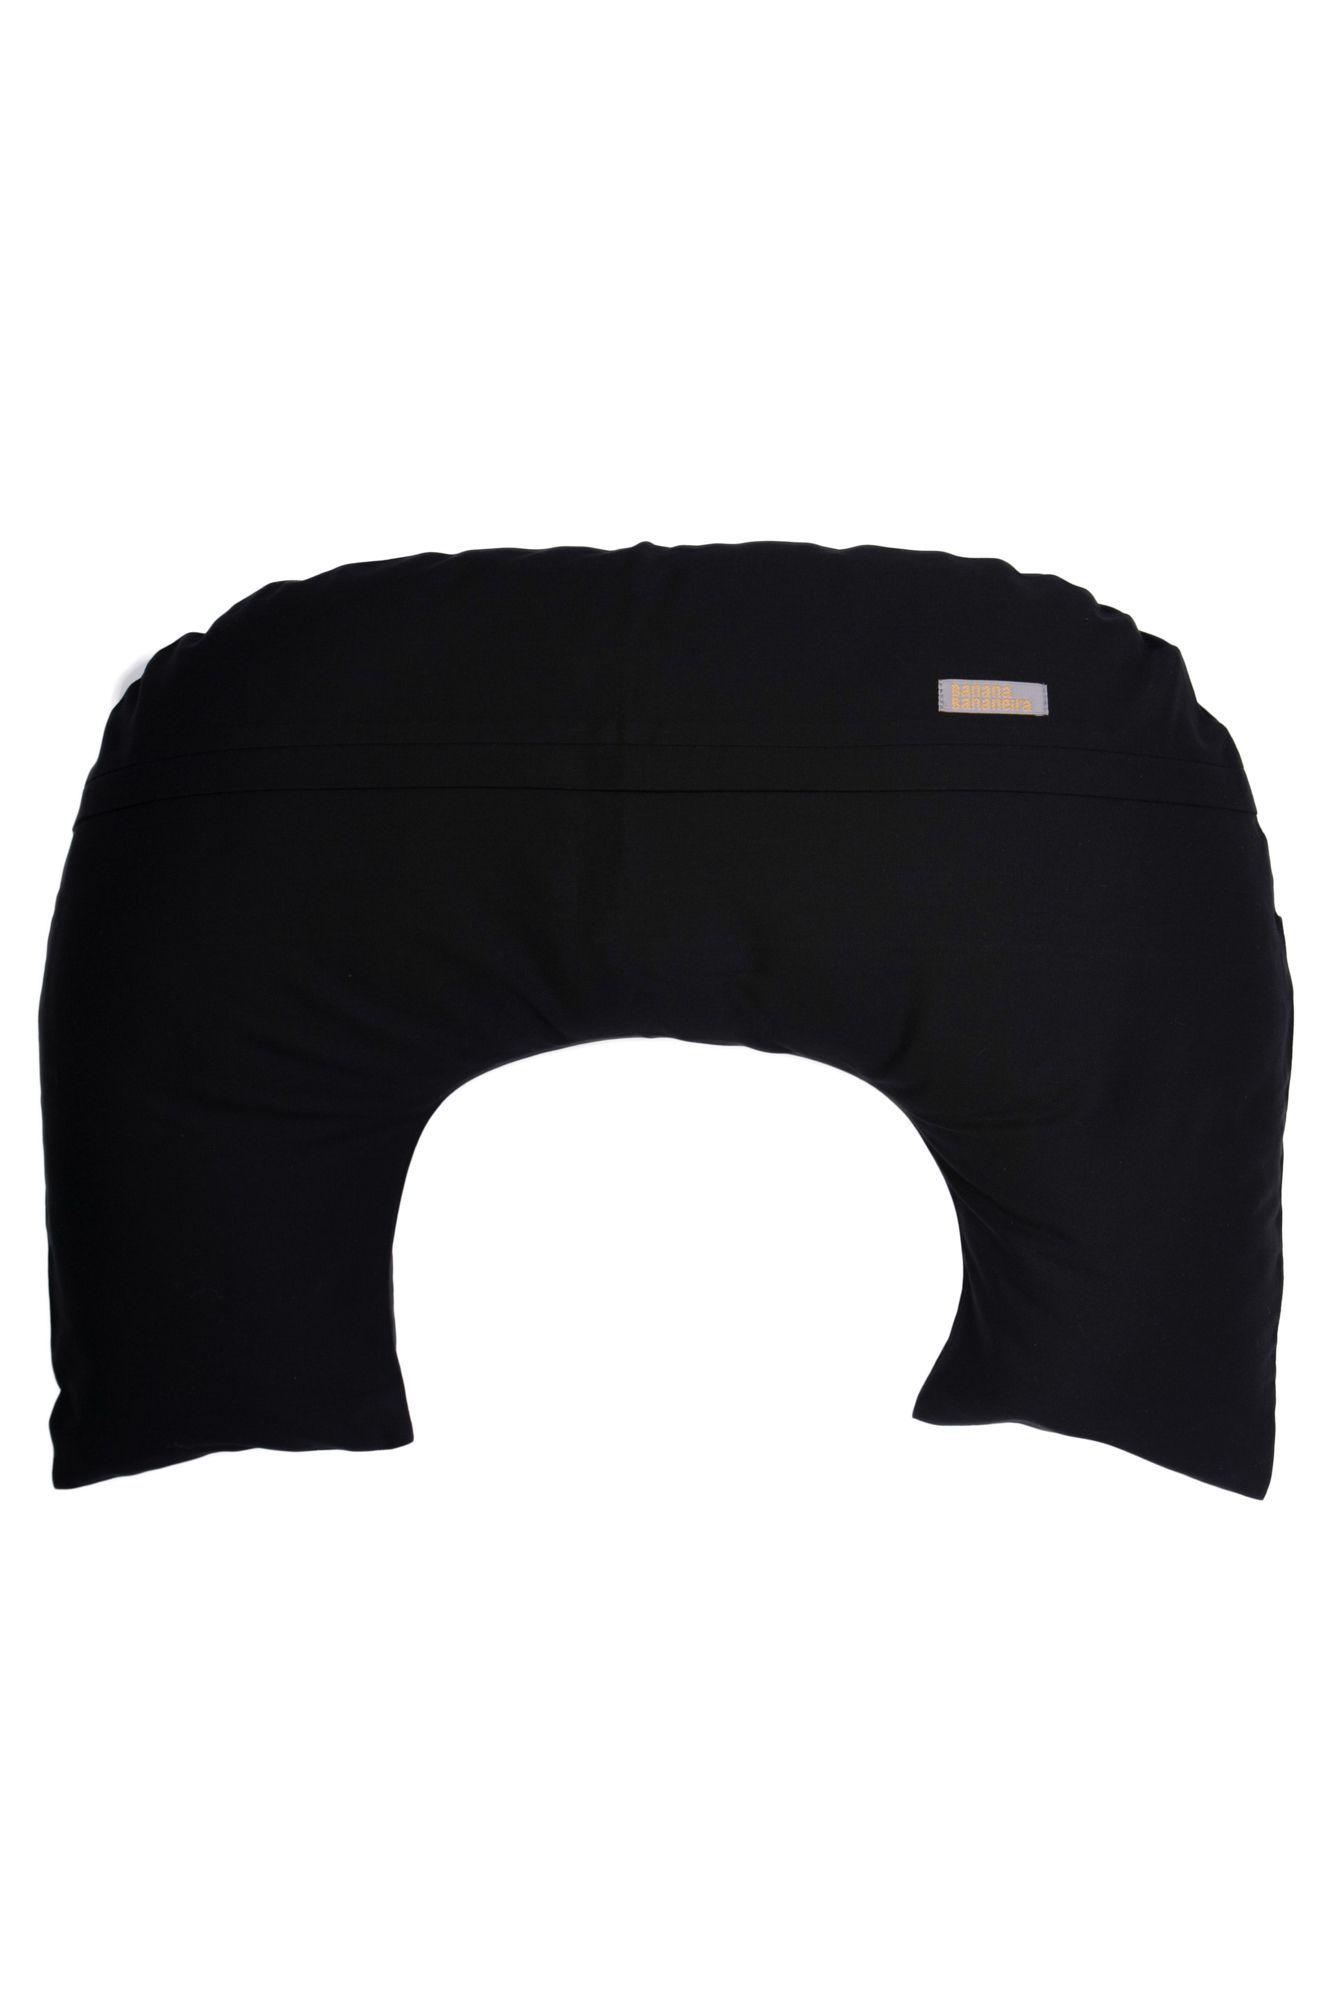 Almofada de amamentação preta